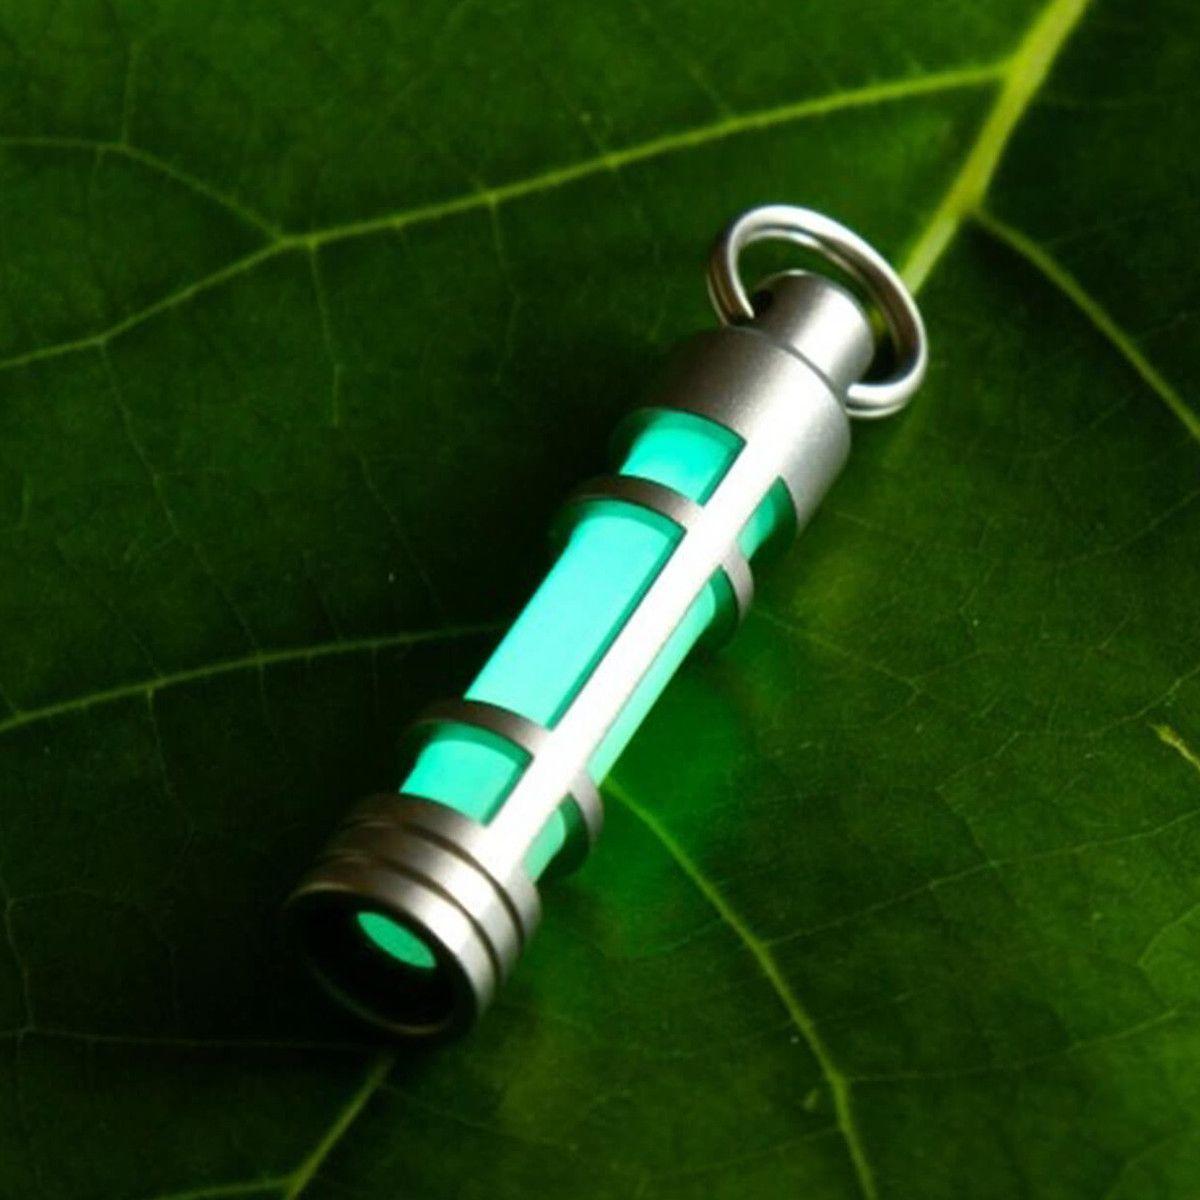 チタントリチウムキーホルダーキーリング発光トリチウムガスランプ救命緊急ライト自動ライト25年 Emergency Lighting Gas Lamp Tritium